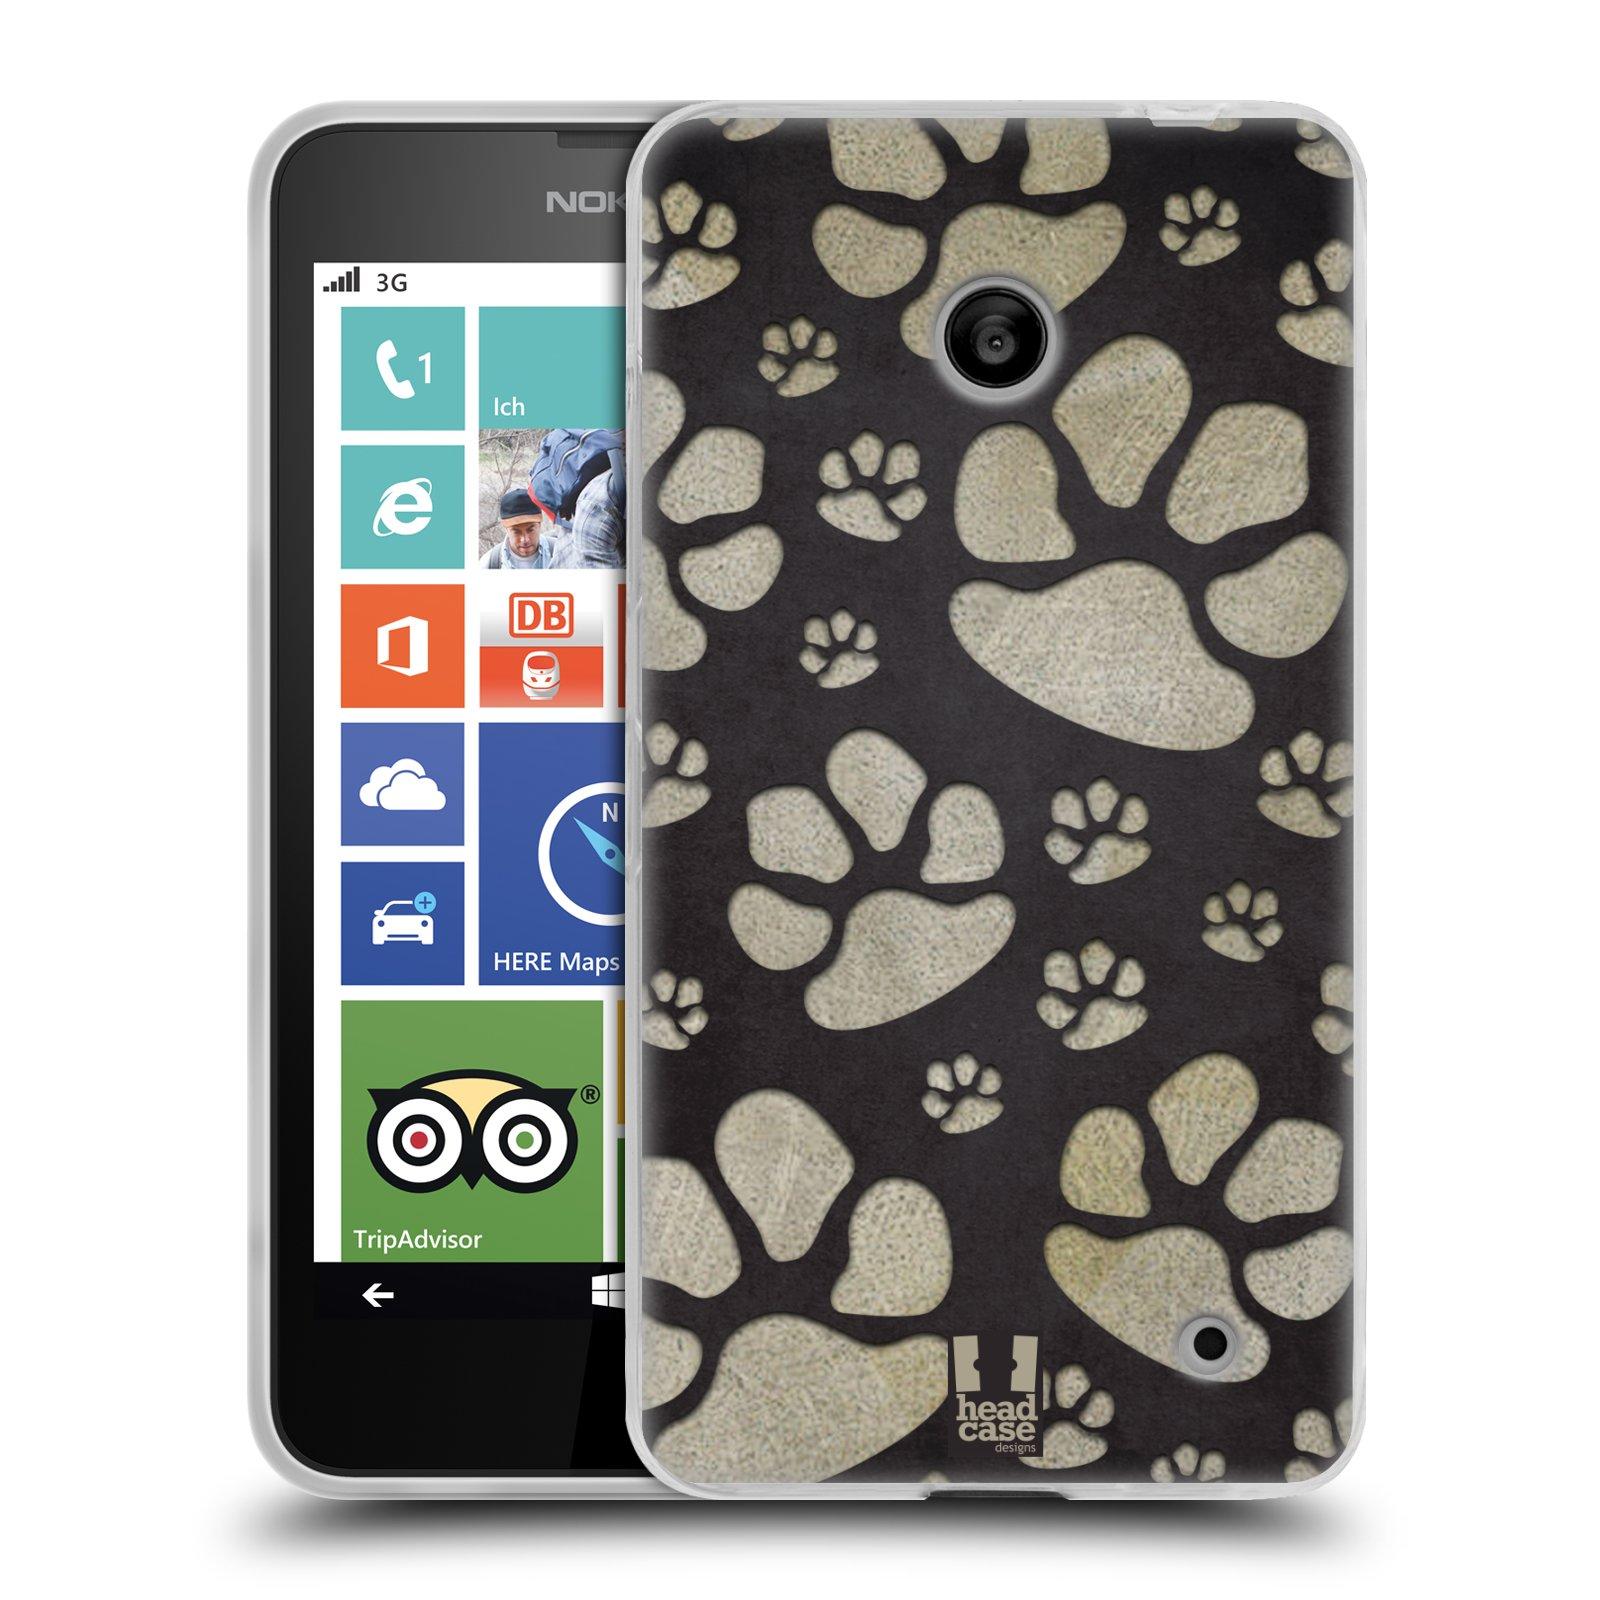 Silikonové pouzdro na mobil Nokia Lumia 630 HEAD CASE TLAPKY ŠEDÉ (Silikonový kryt či obal na mobilní telefon Nokia Lumia 630 a Nokia Lumia 630 Dual SIM)